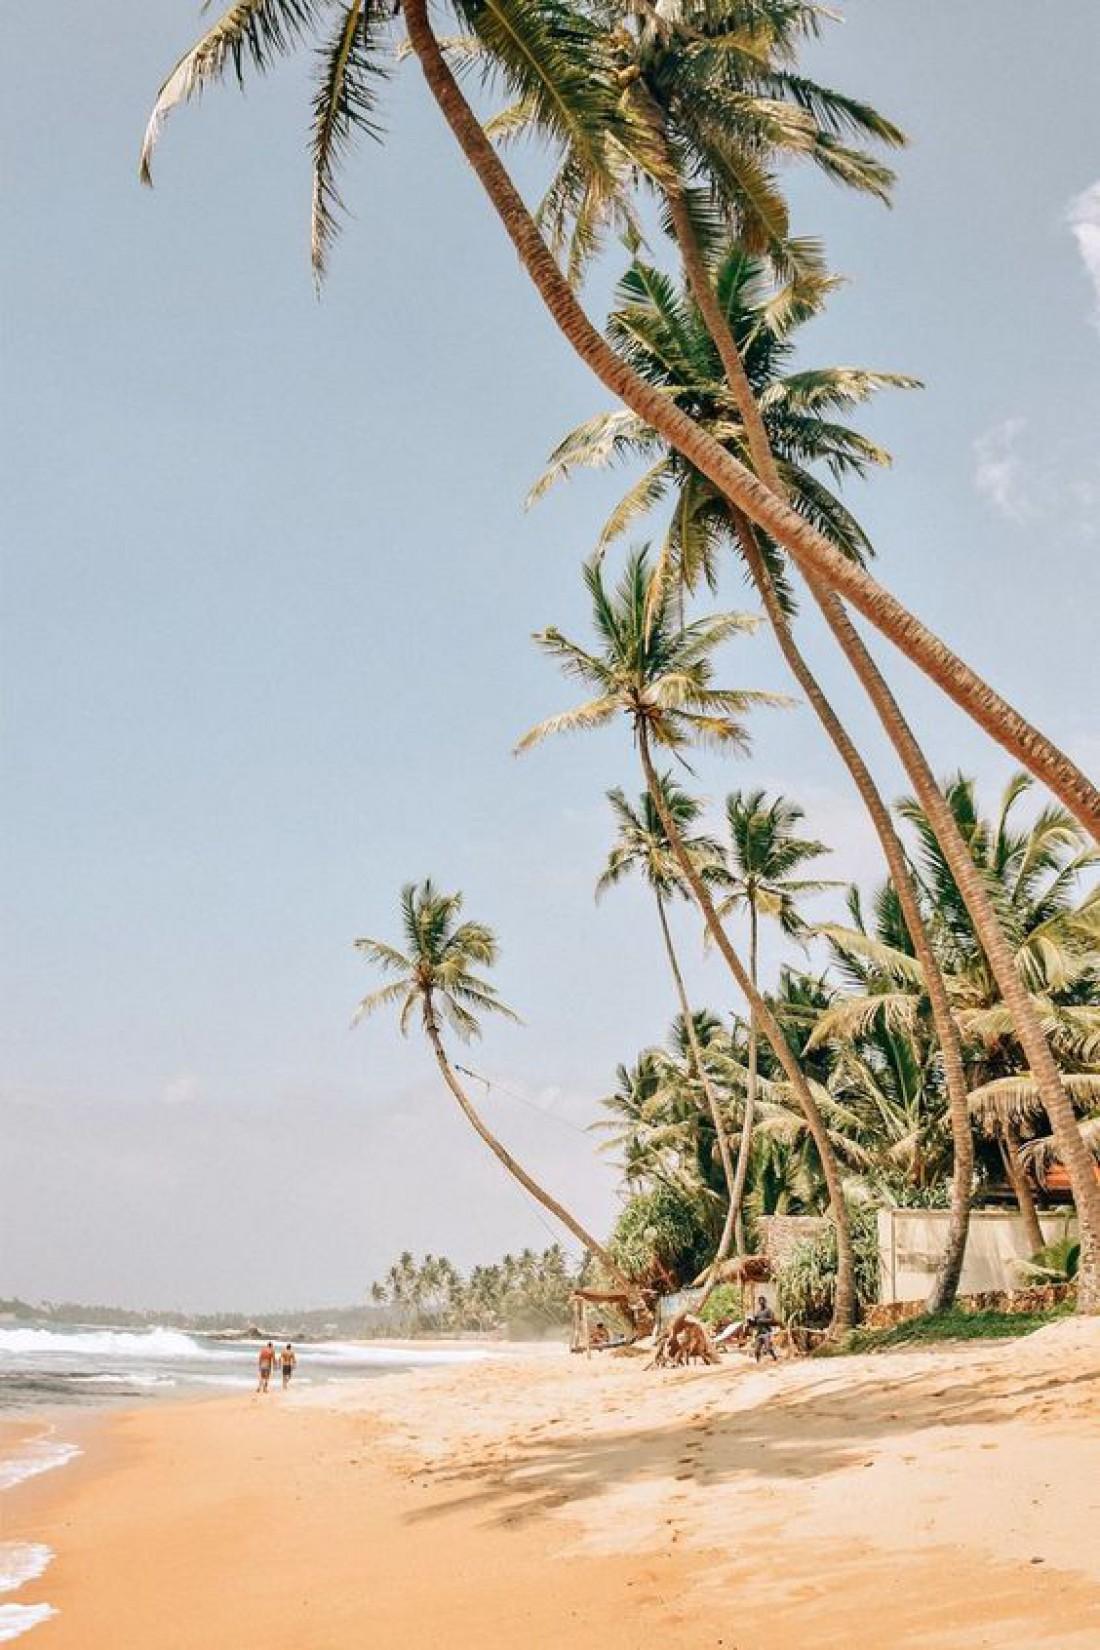 Недорогой отдых на море: 3 полезных лайфхака и 10 лучших направлений